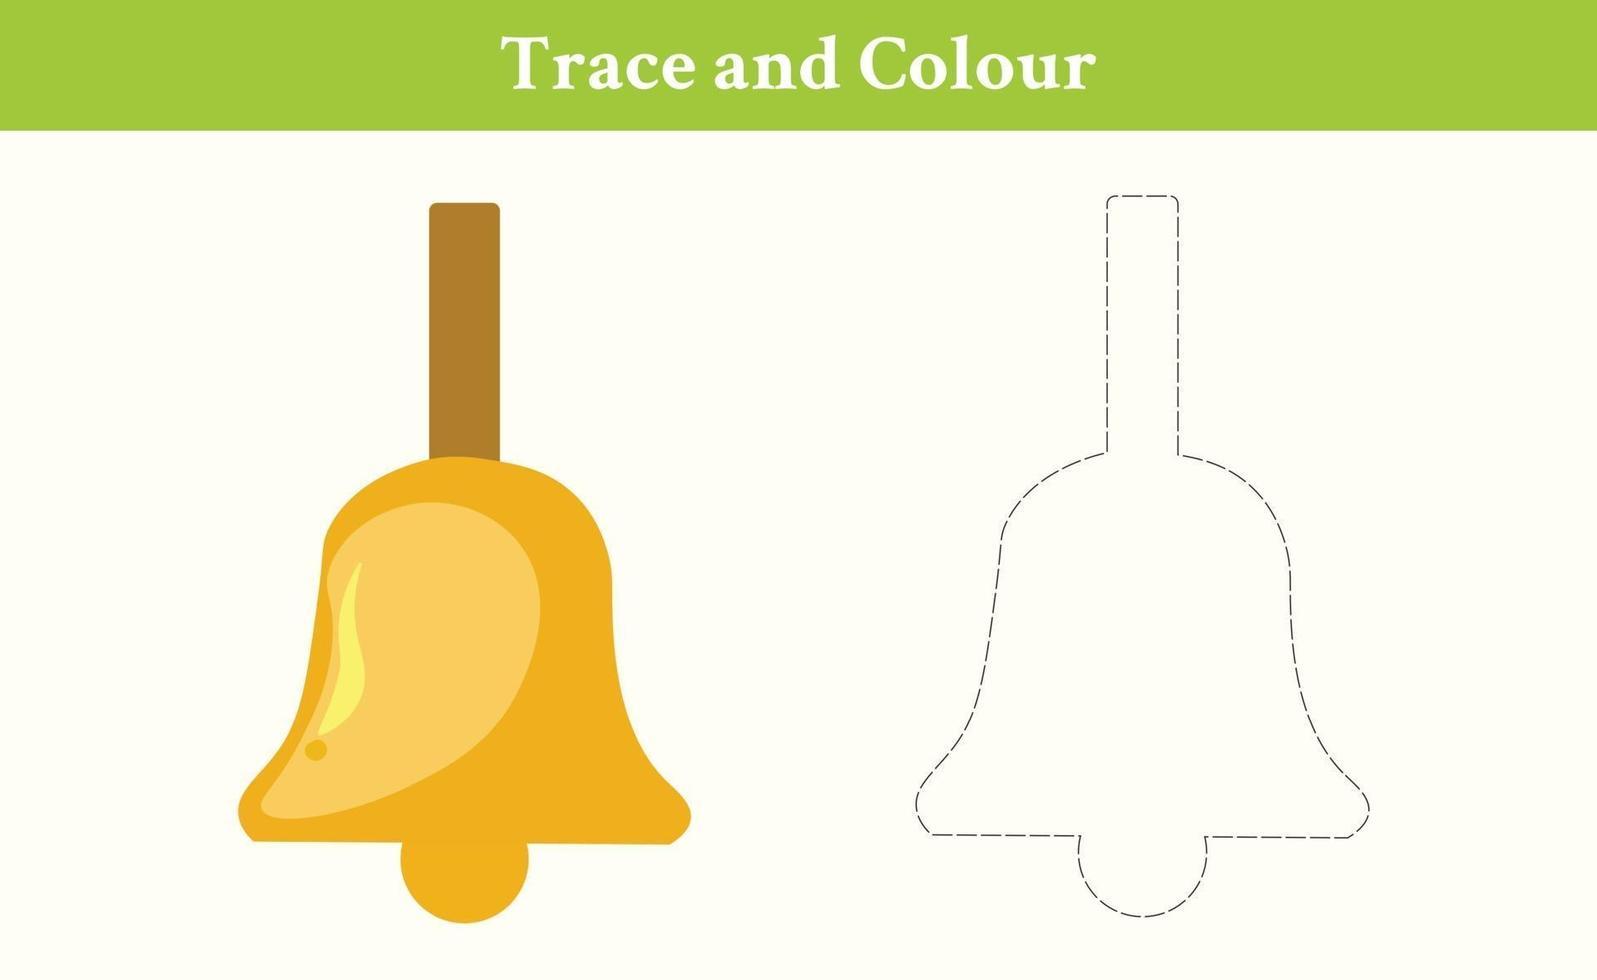 vector gratis de campana de rastreo y color